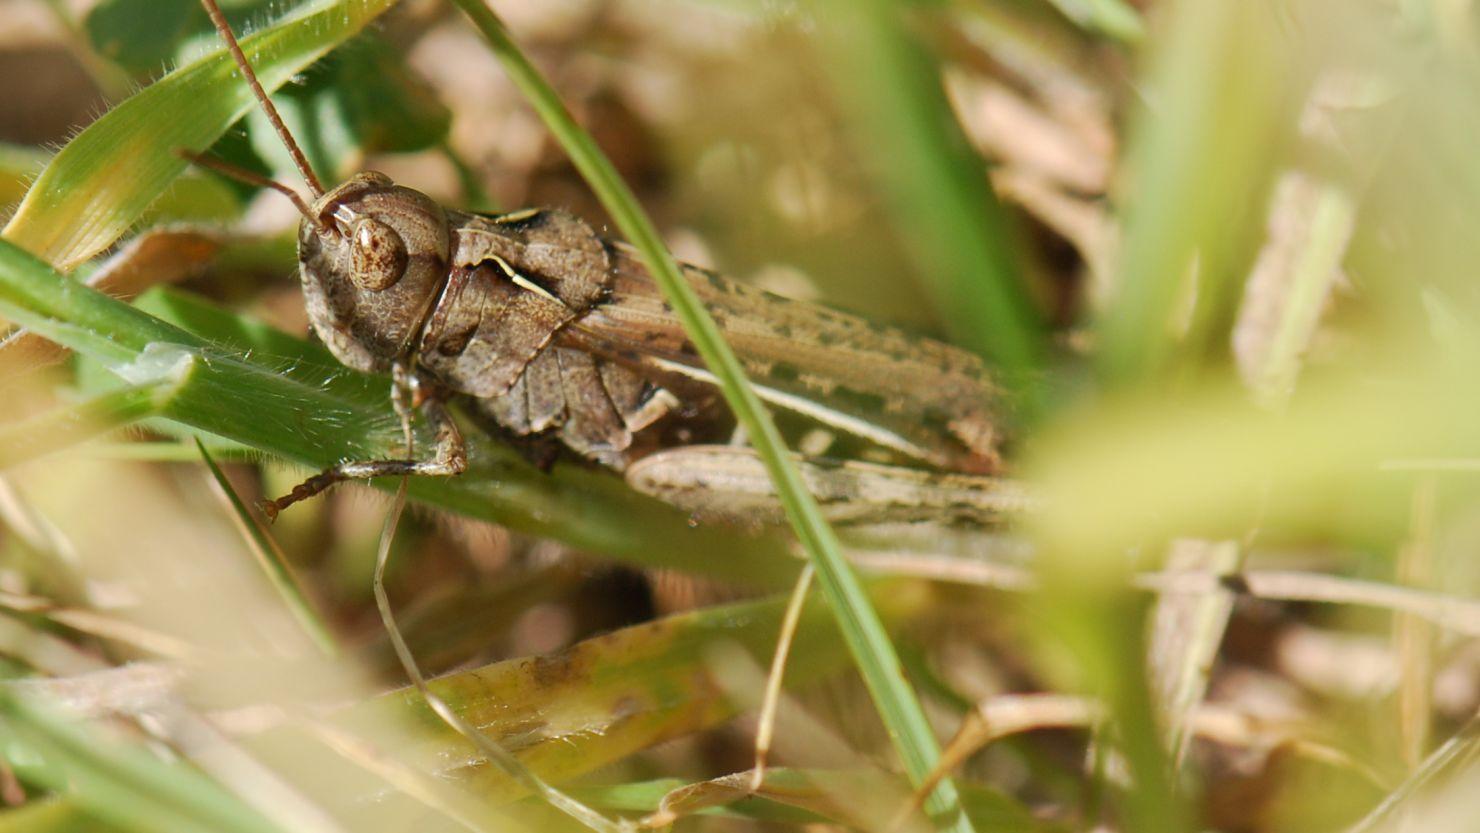 A grasshopper hidden in some grass